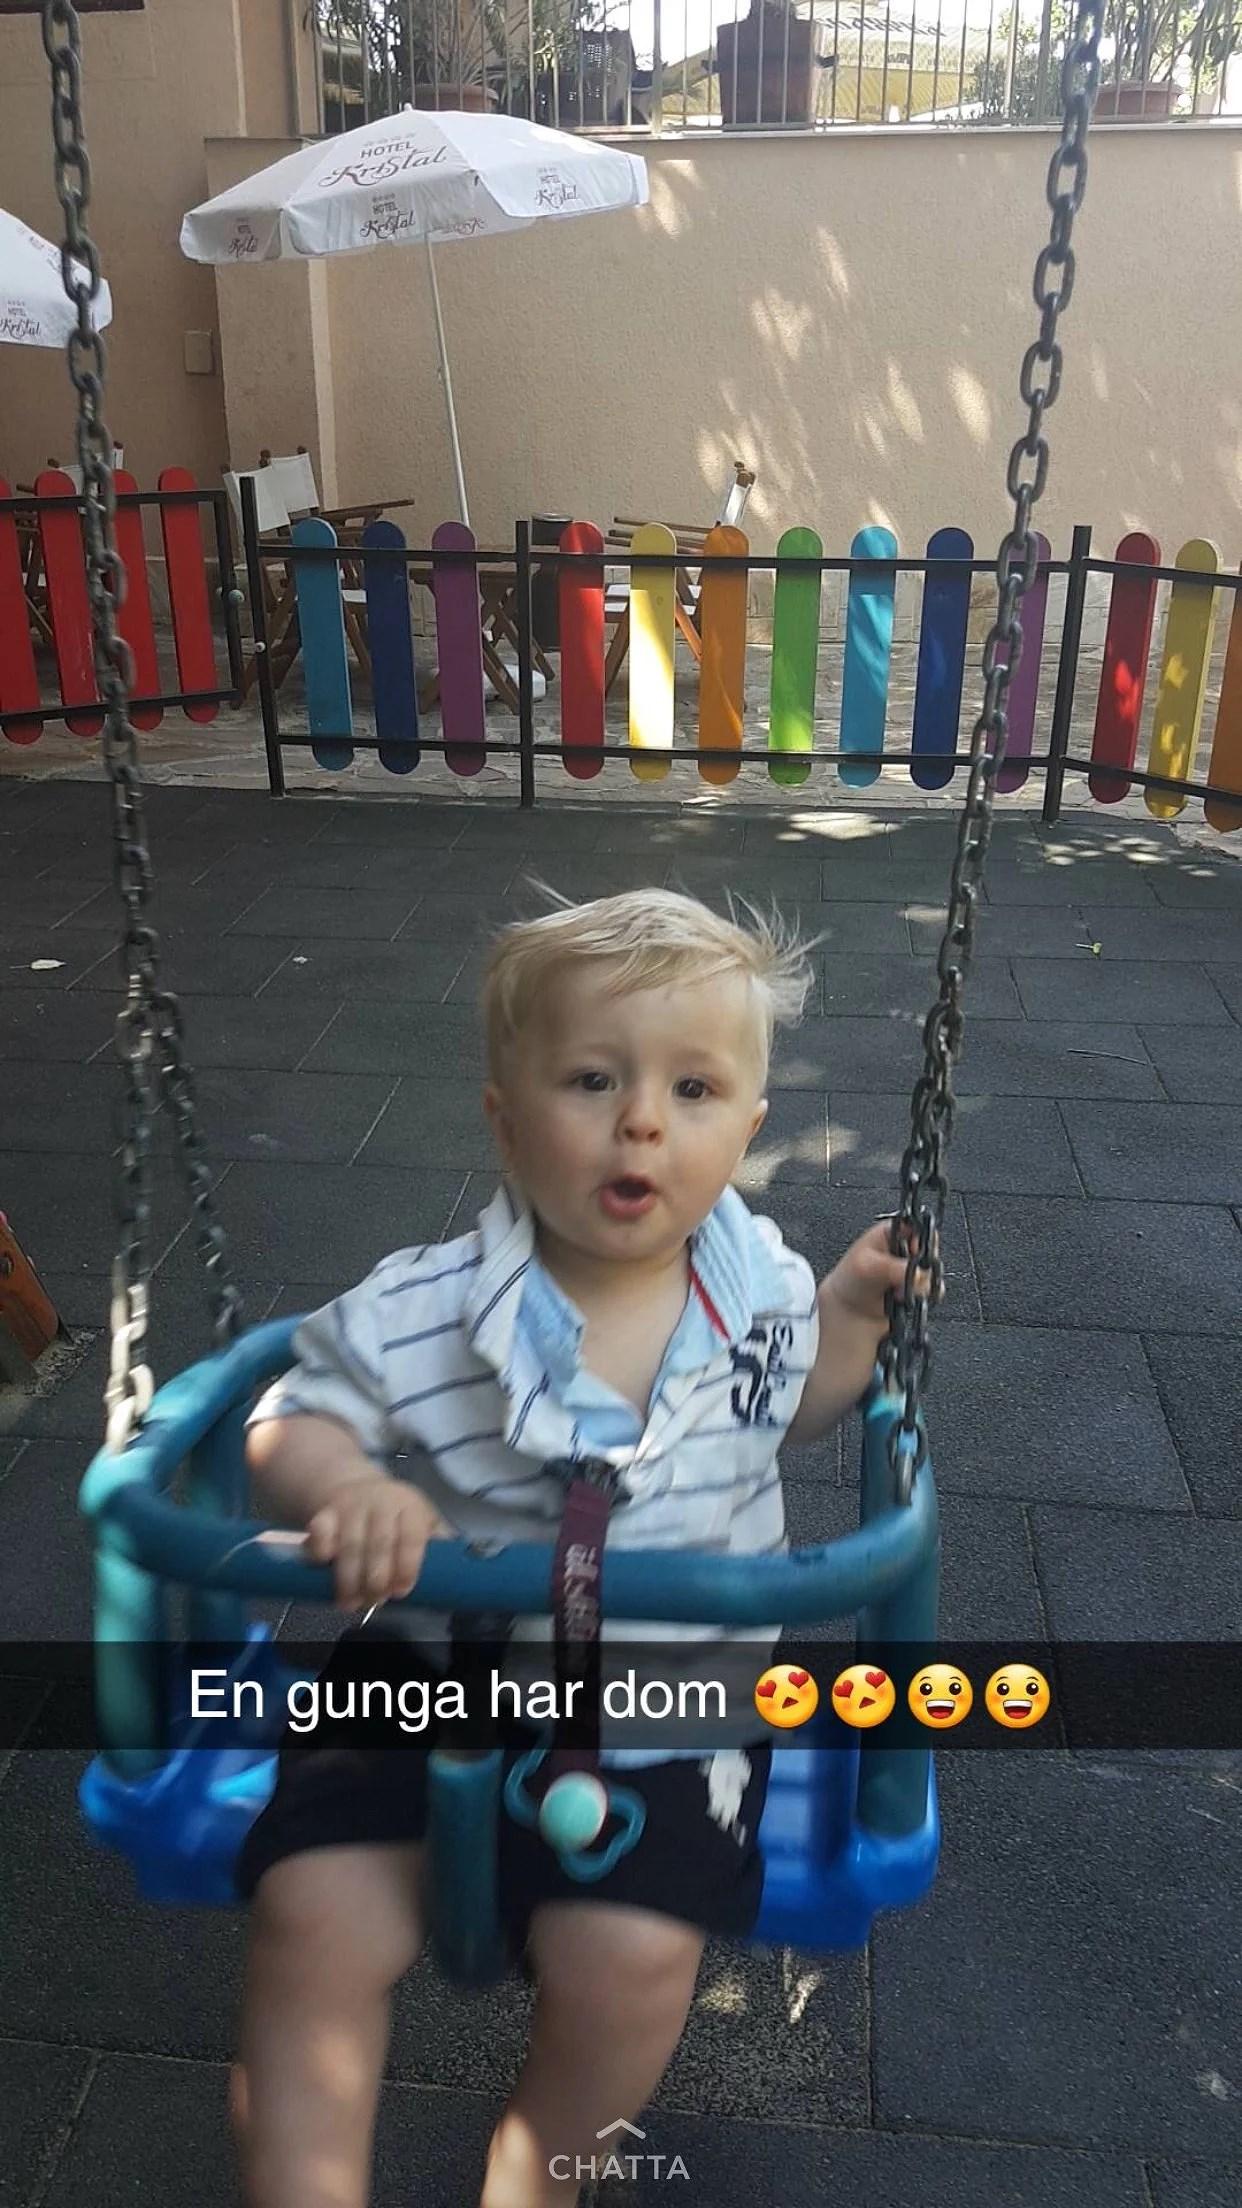 PÅ MÅNDAG SMÄLLER DE!